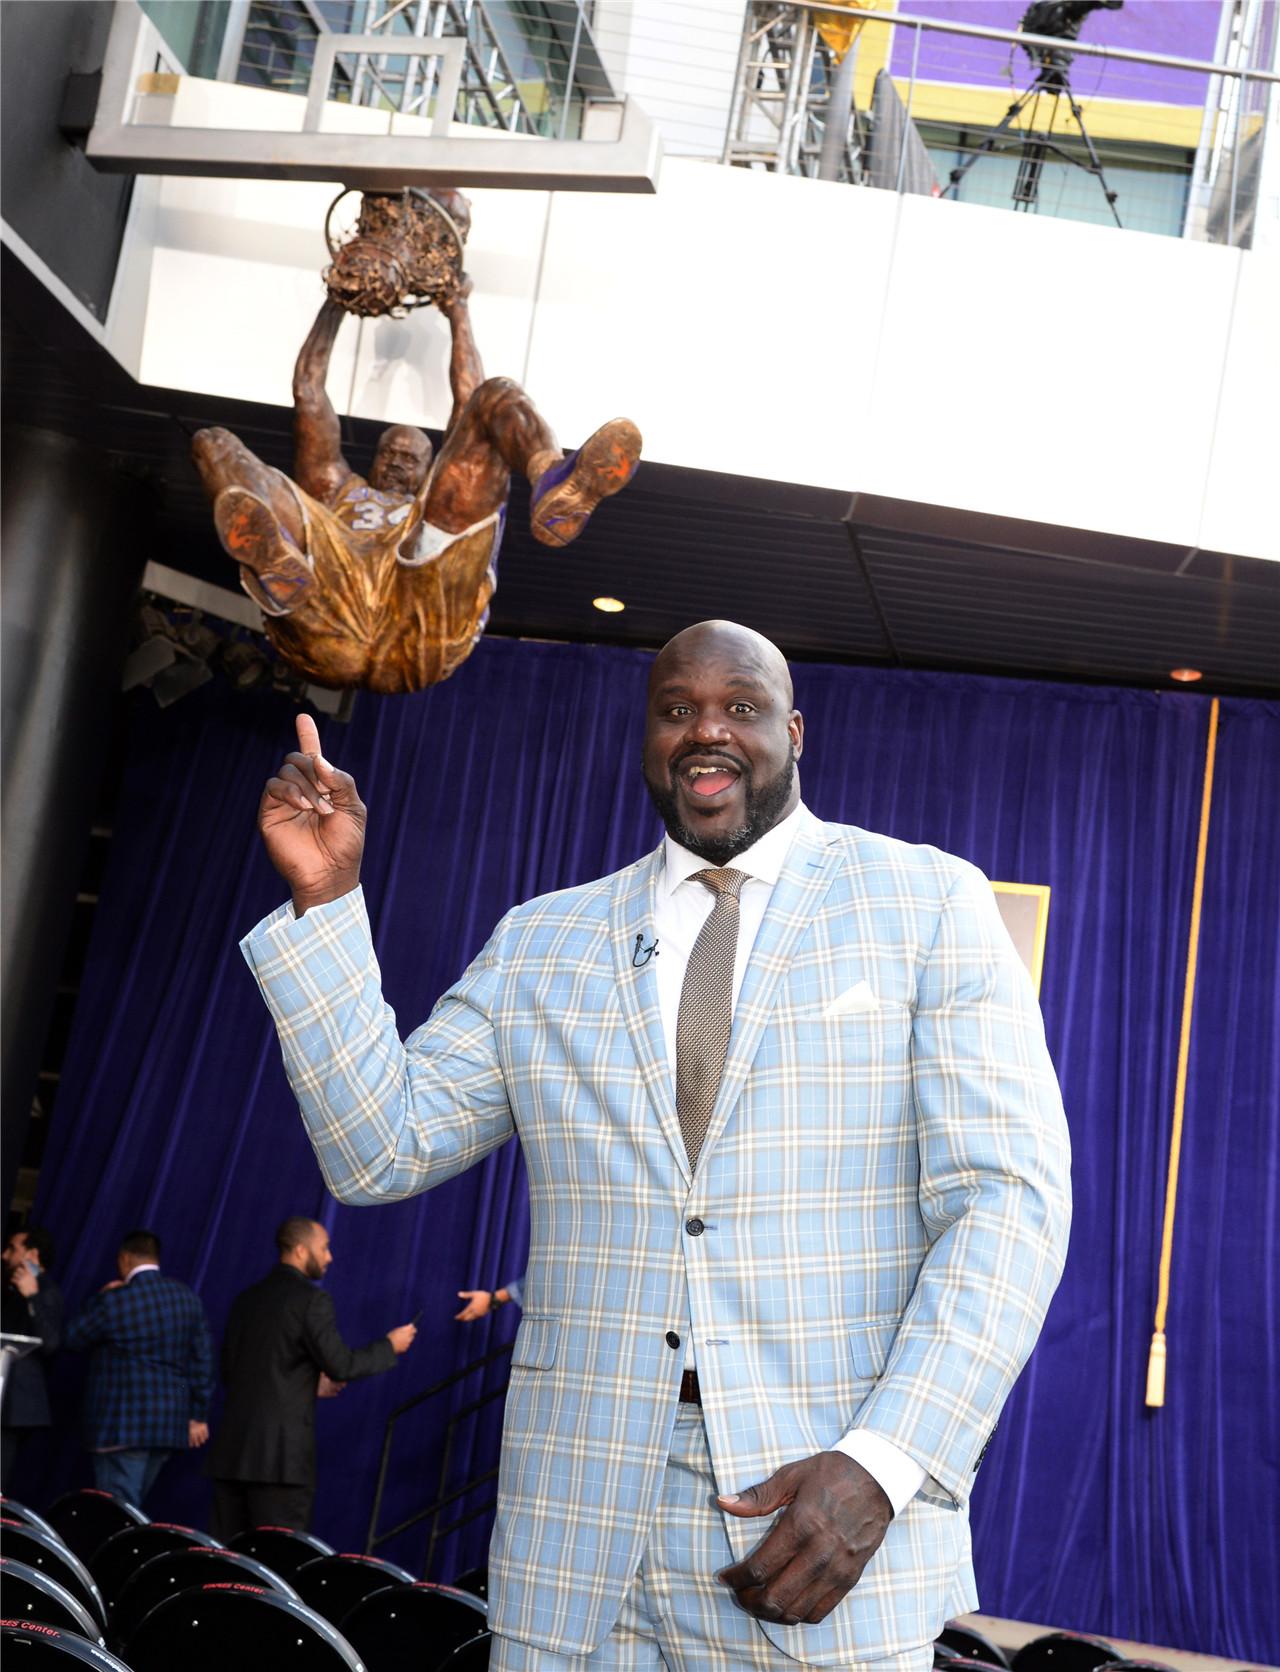 盘点NBA铜像:湖人传奇扎堆 科比